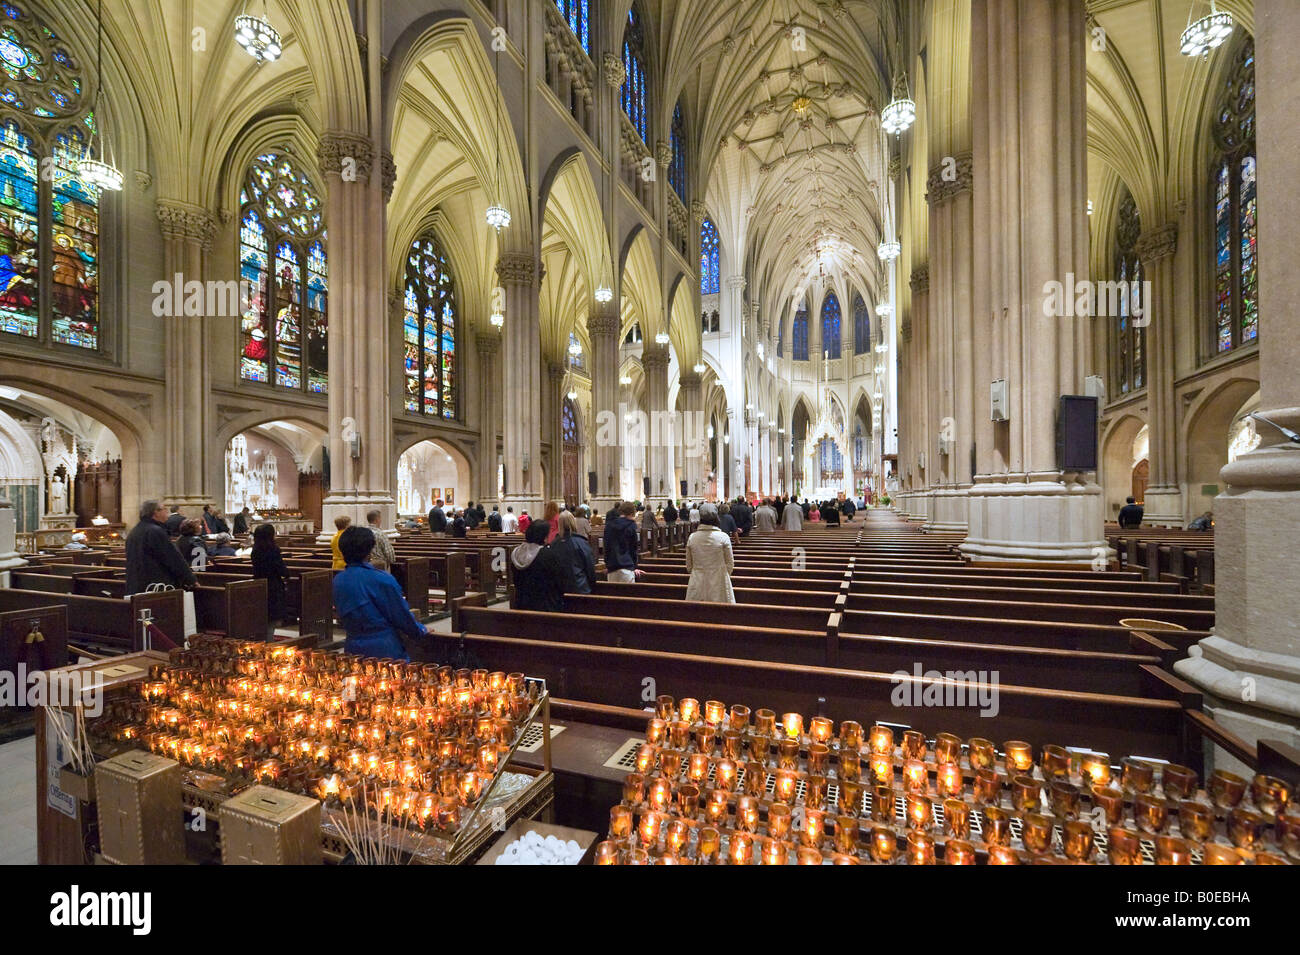 Célébration de la Messe dans la Cathédrale St Patrick, 5ème Avenue, Manhattan, New York City Banque D'Images